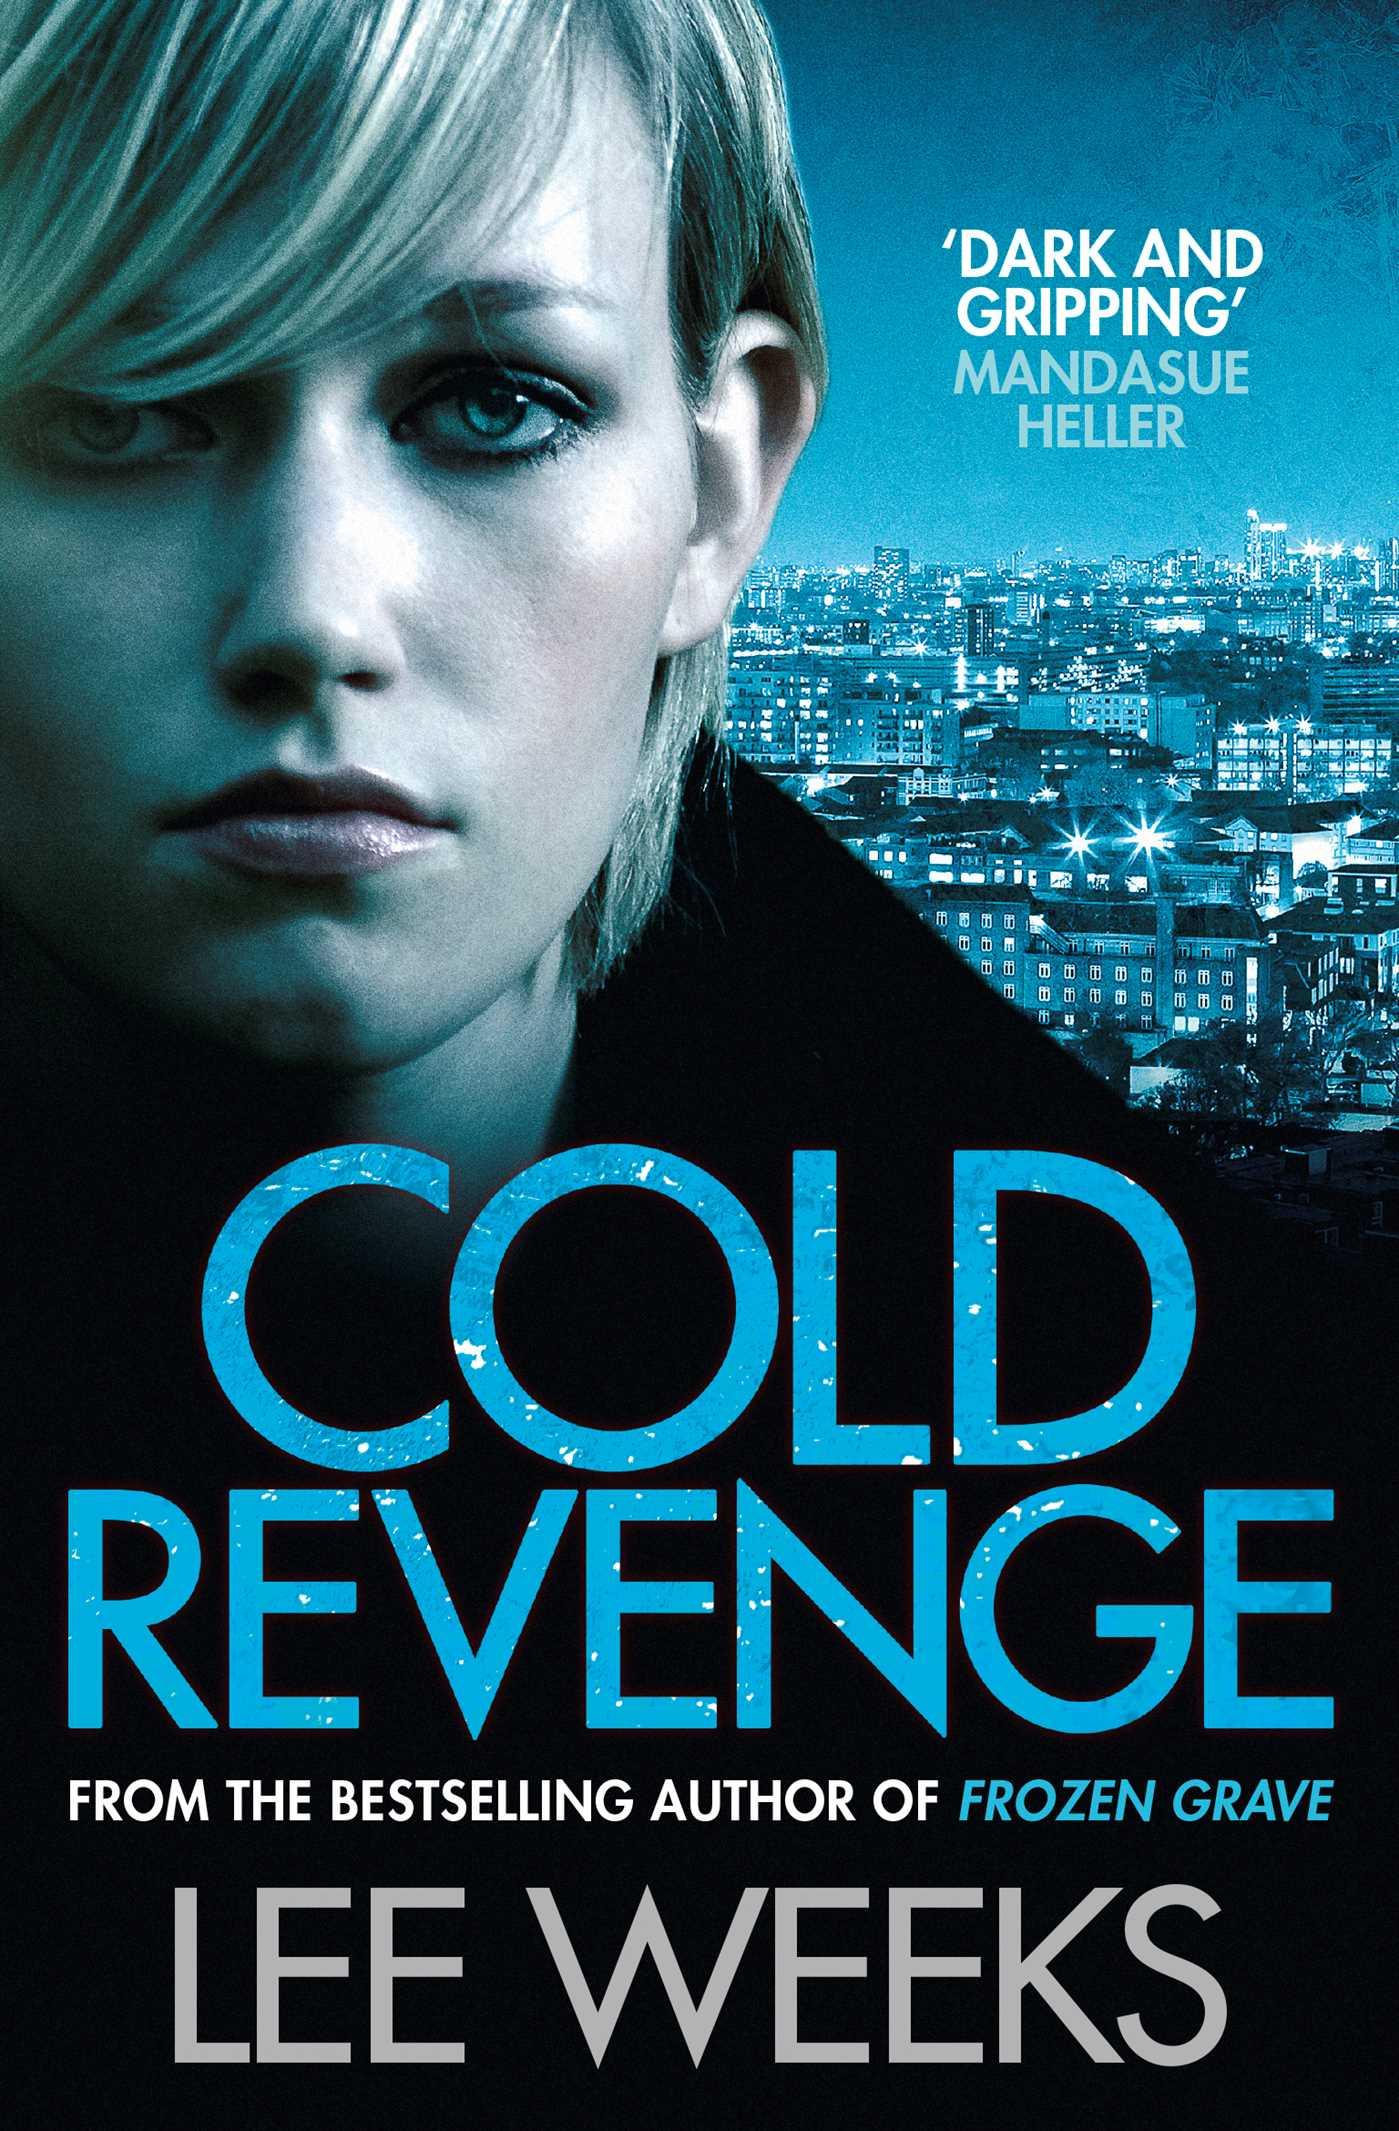 Cold revenge 9781471153228 hr